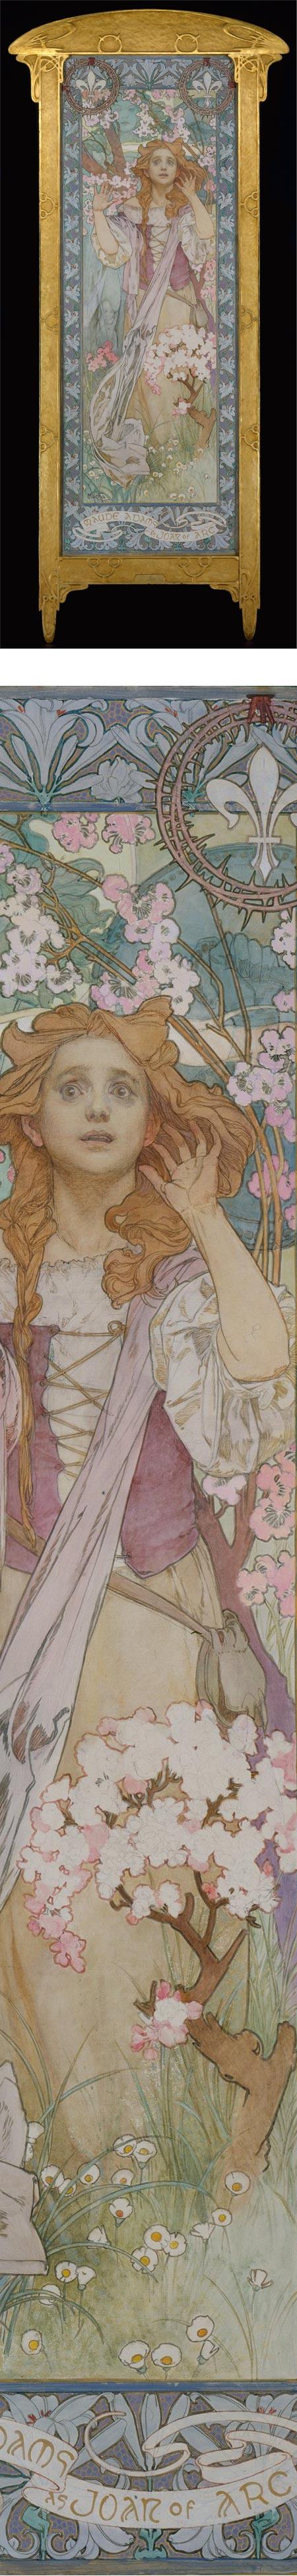 Maude Adams as Joan of Arc, Alfons (Alphonse) Mucha